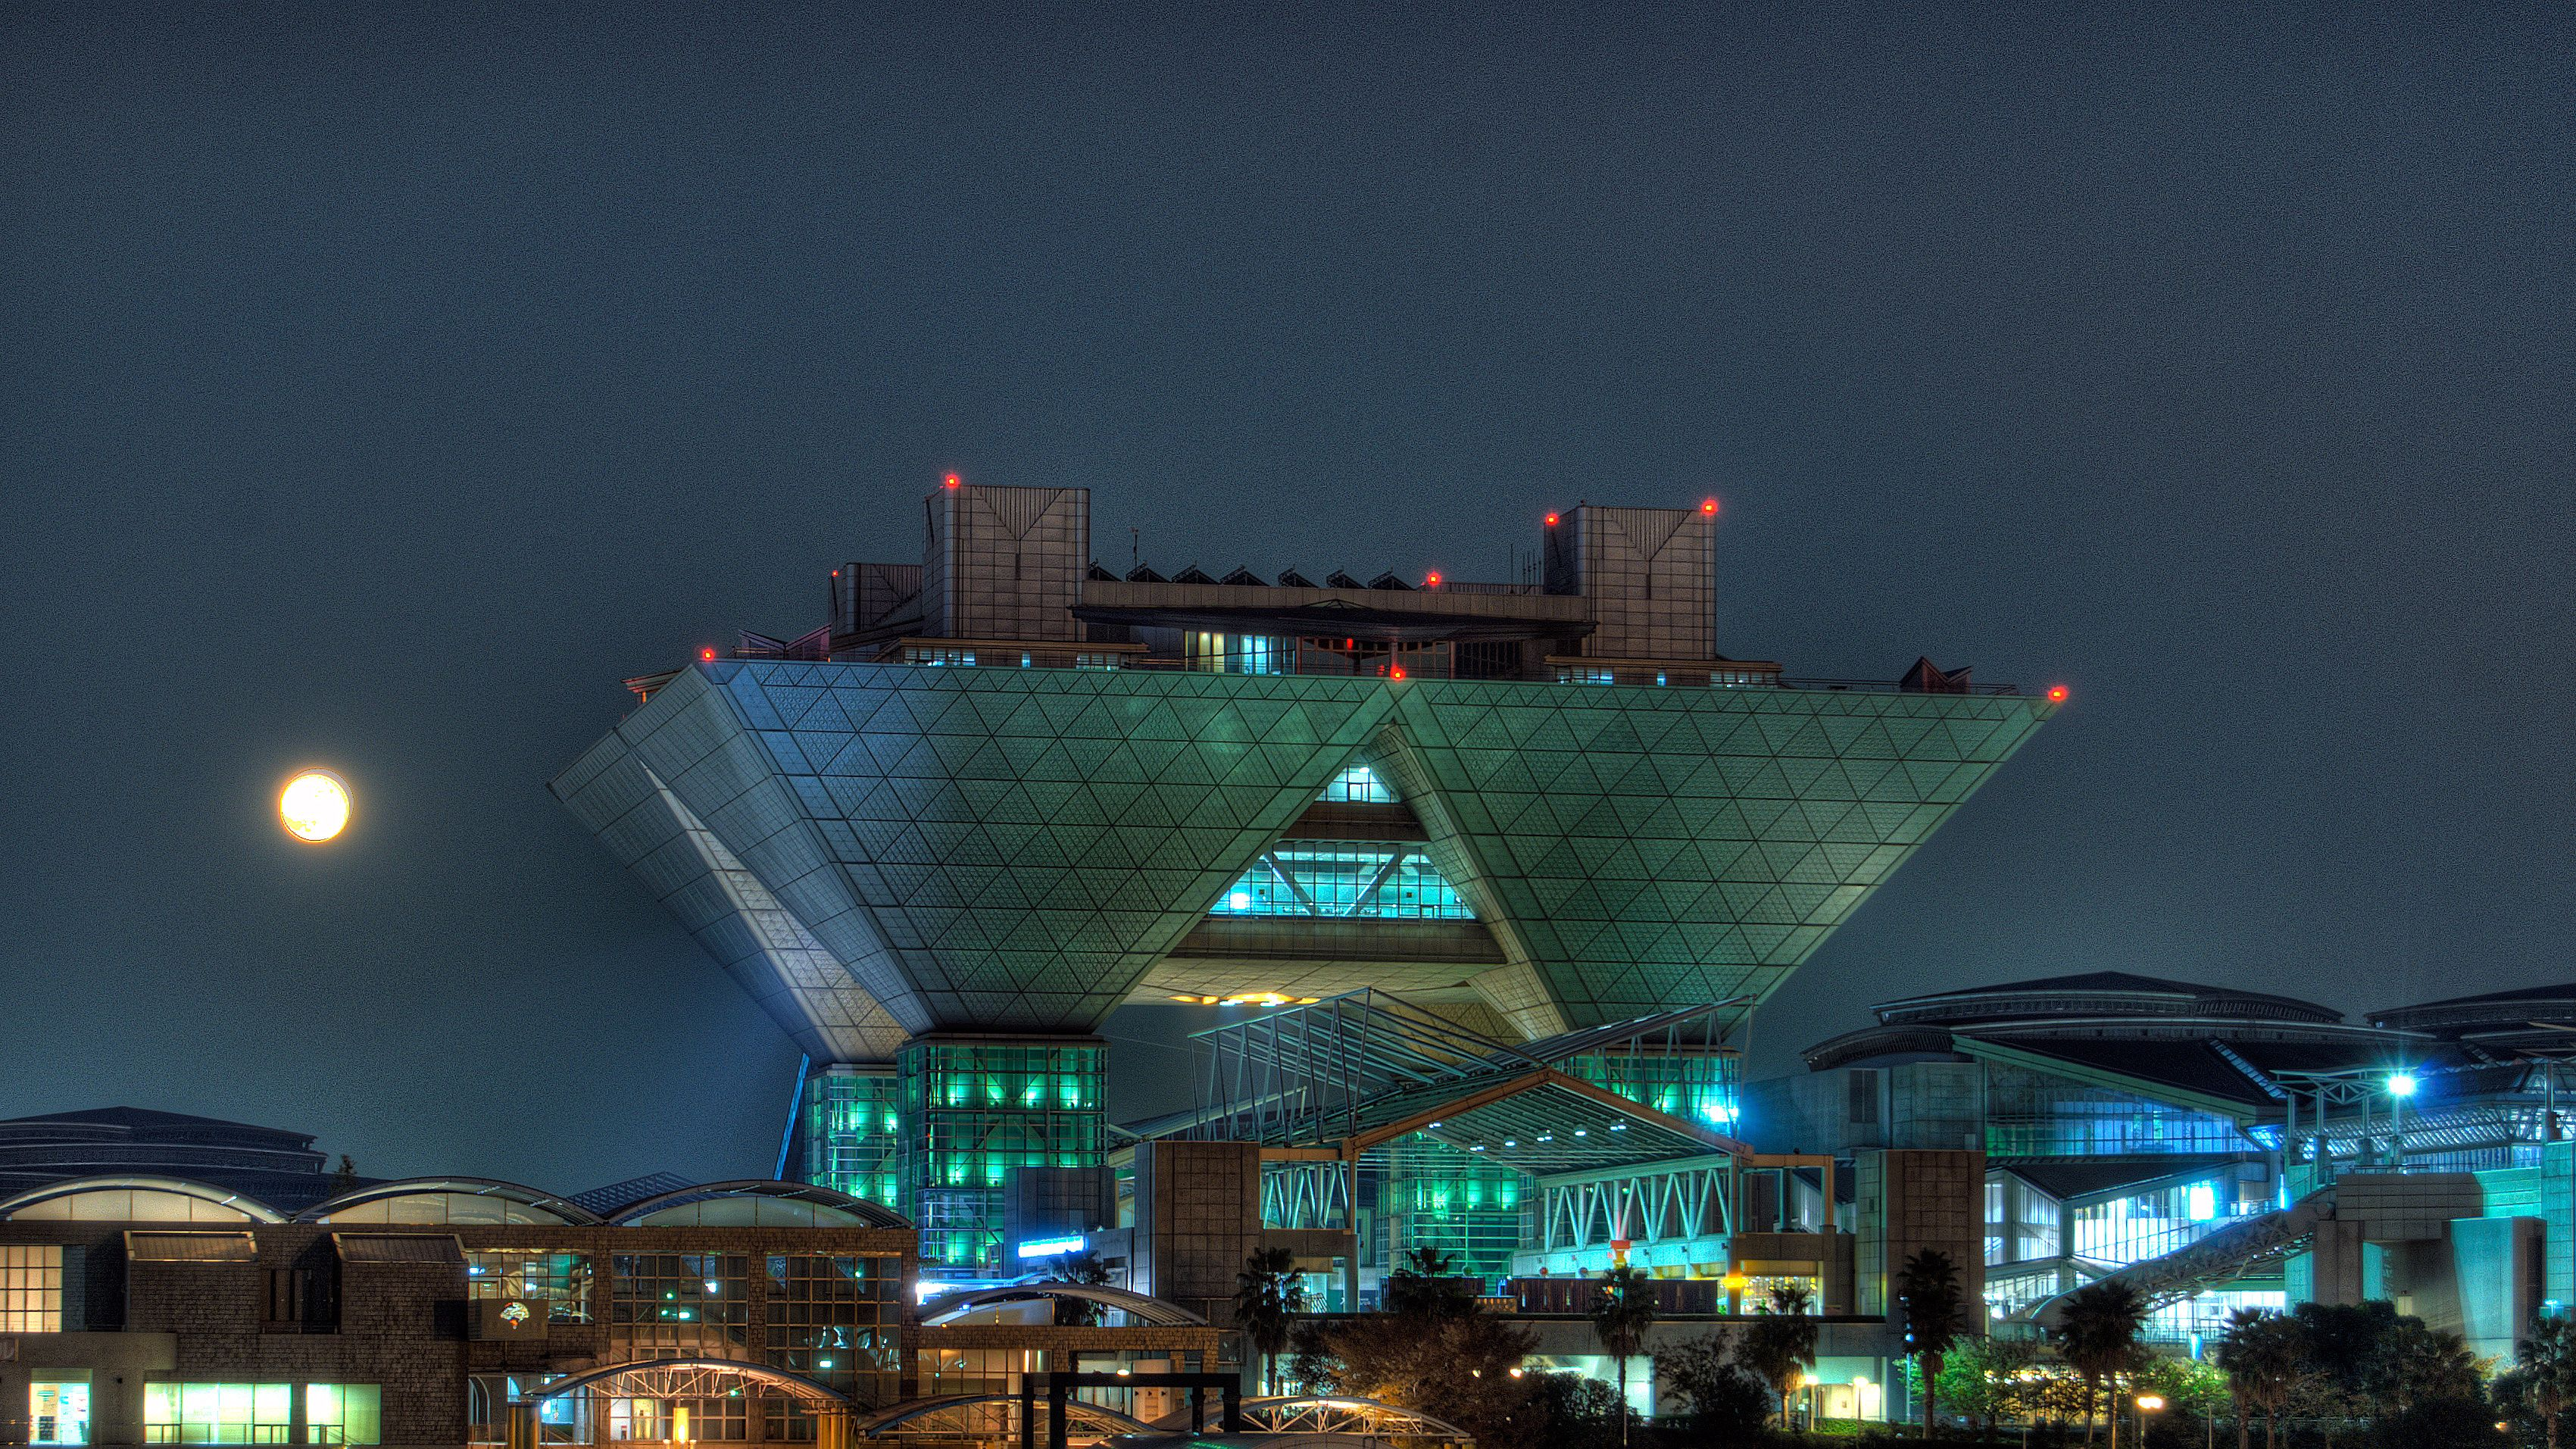 ロシアのハッカー集団が東京五輪に照準、スポーツ機関を攻撃